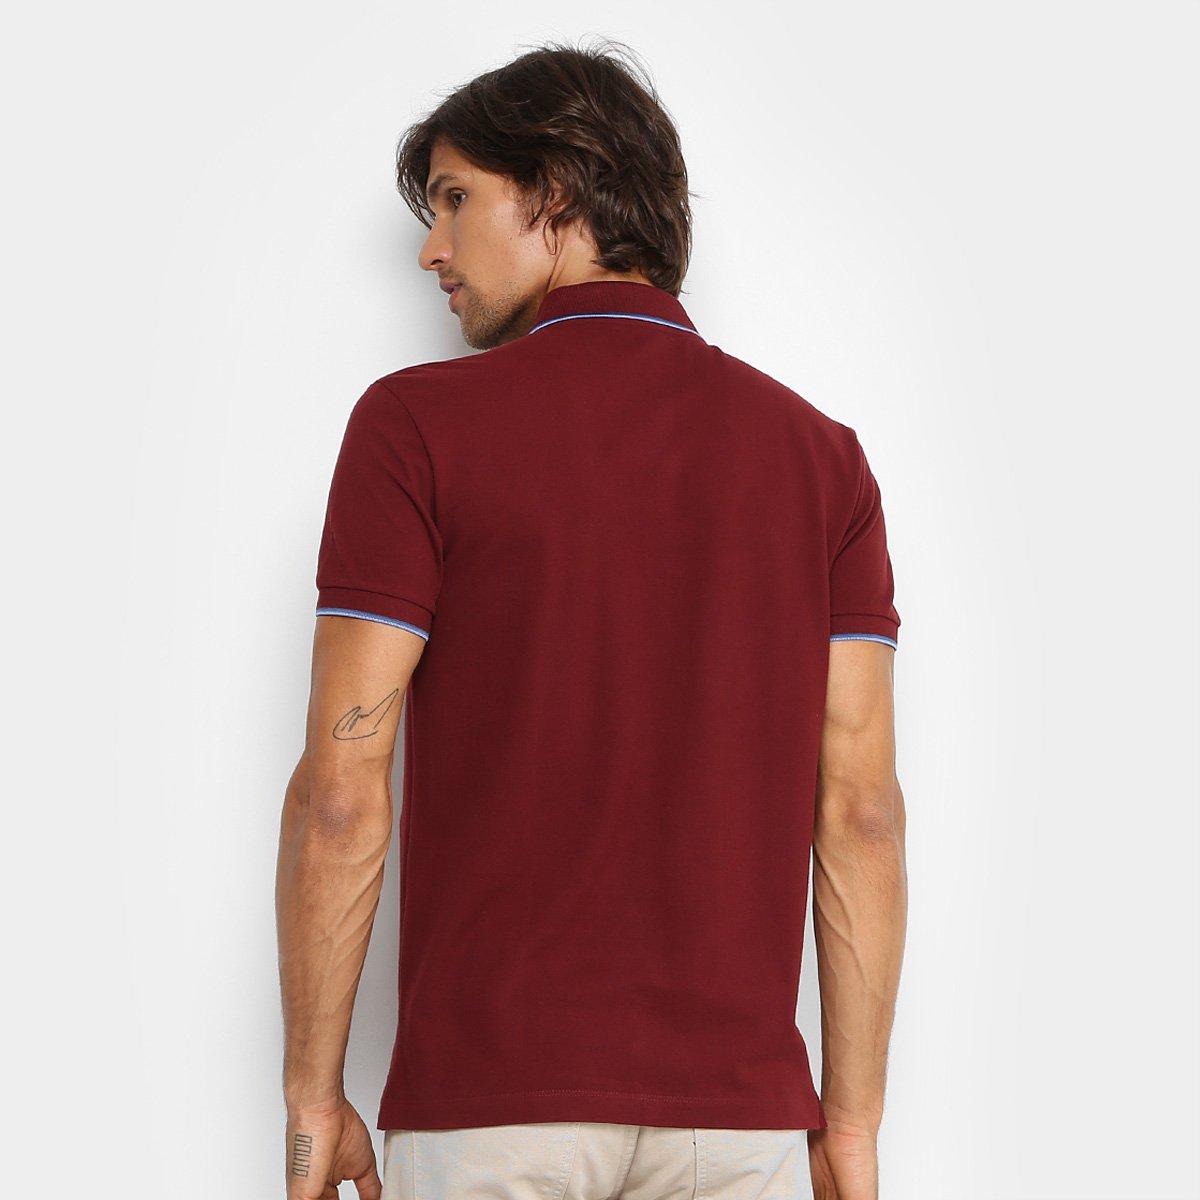 Camisa Polo Forum Piquet Frisos Color Masculina - Bordô - Compre ... 118831ddb8588